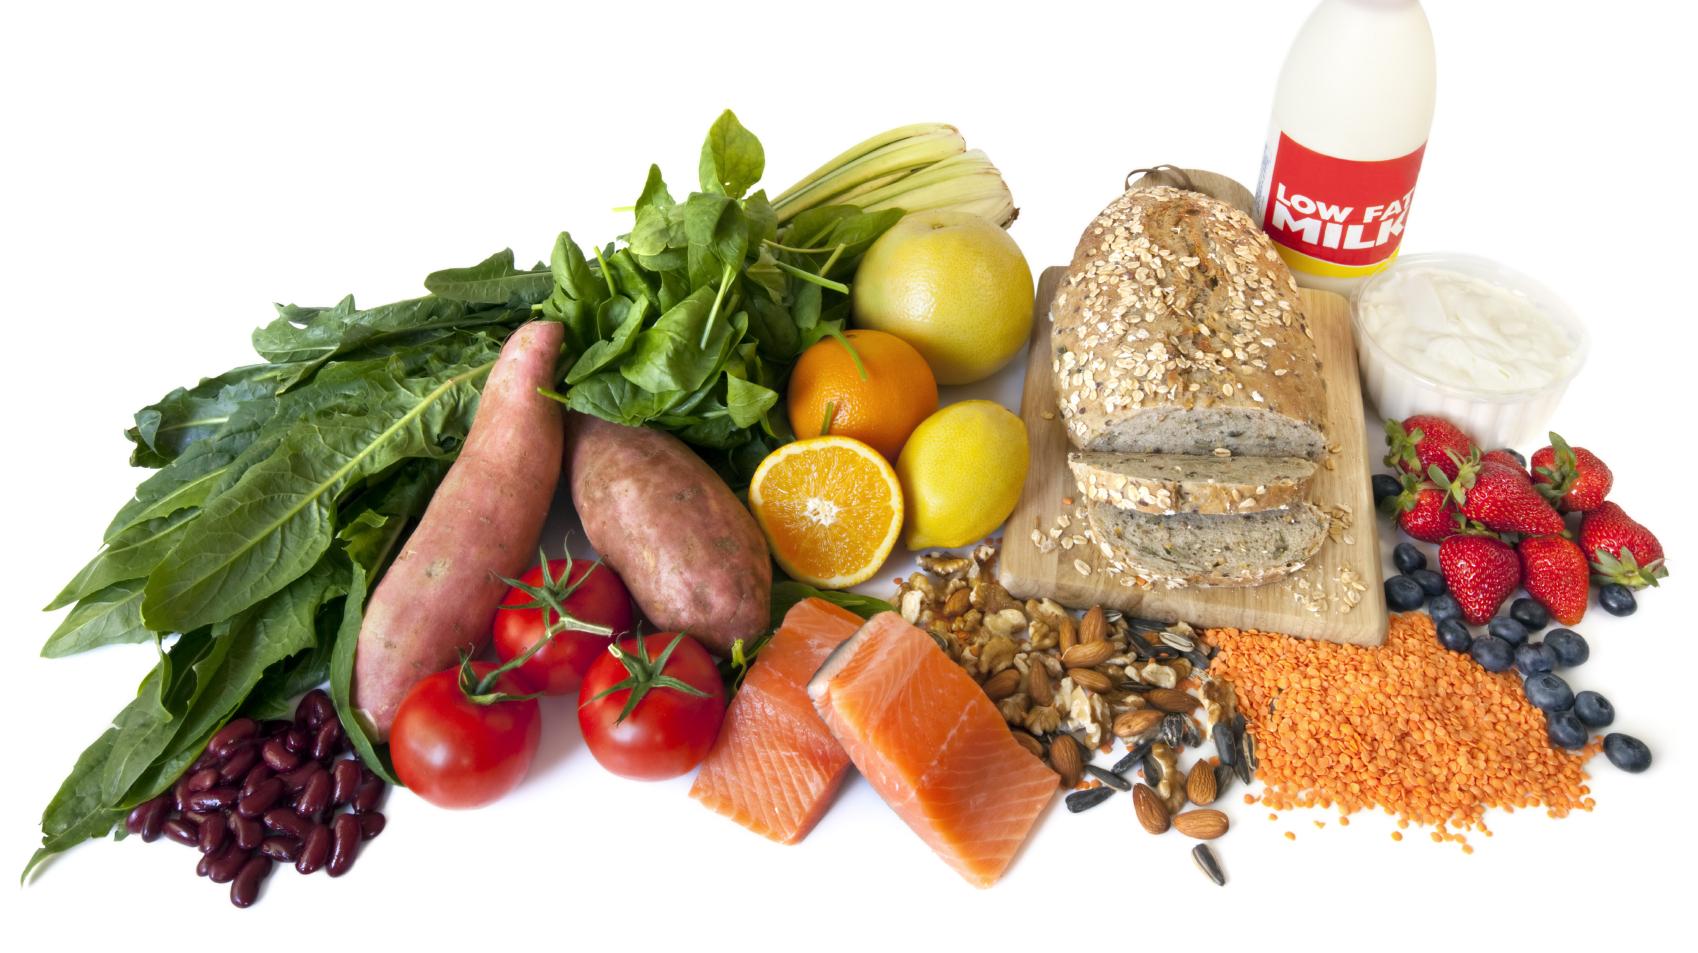 Примерное меню диетического питания при сахарном диабете на неделю